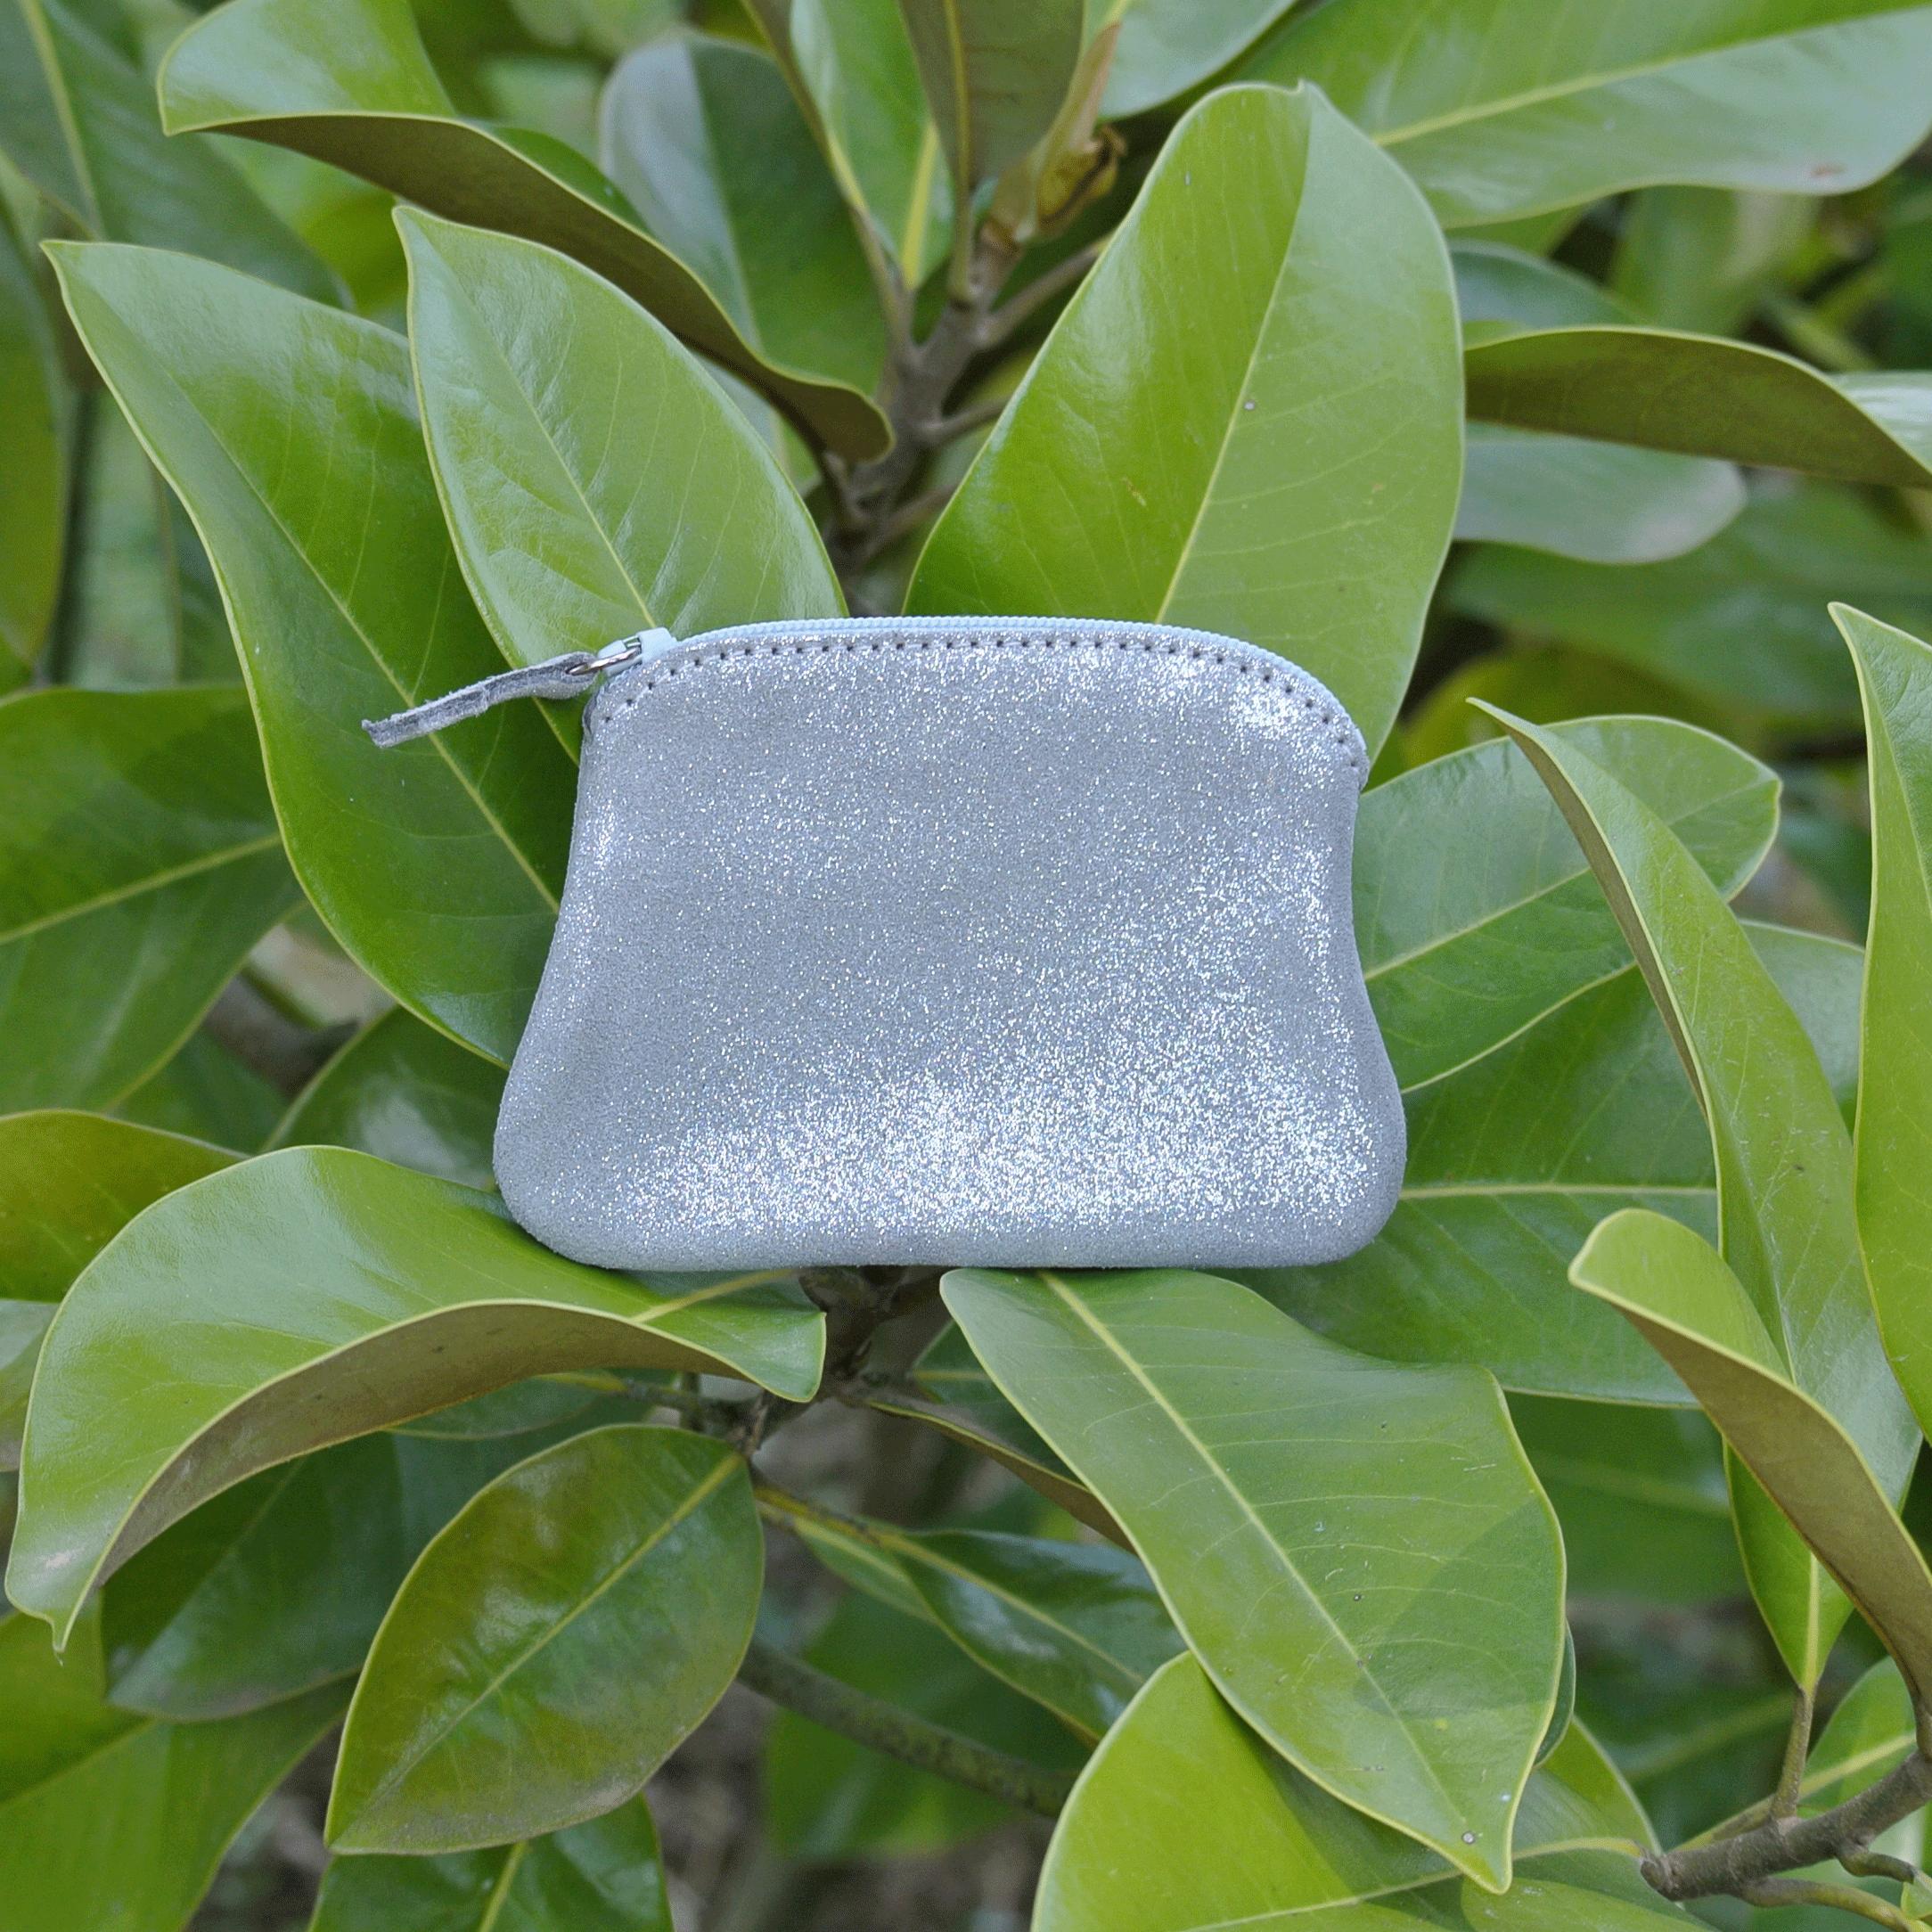 cuirs-fantaisies-la-cartabliere-fabrique-en-france-porte-monnaie-kiwi-en-cuir-paillete-gris-tourterelle